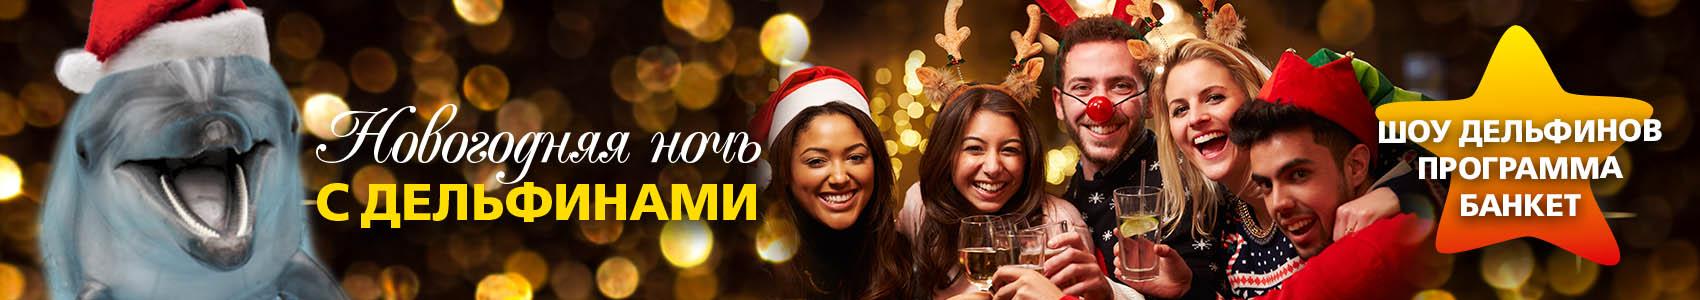 Новогодняя Ночь 2021 в NEMO в RESORT & SPA HOTEL NEMO, фото № 1